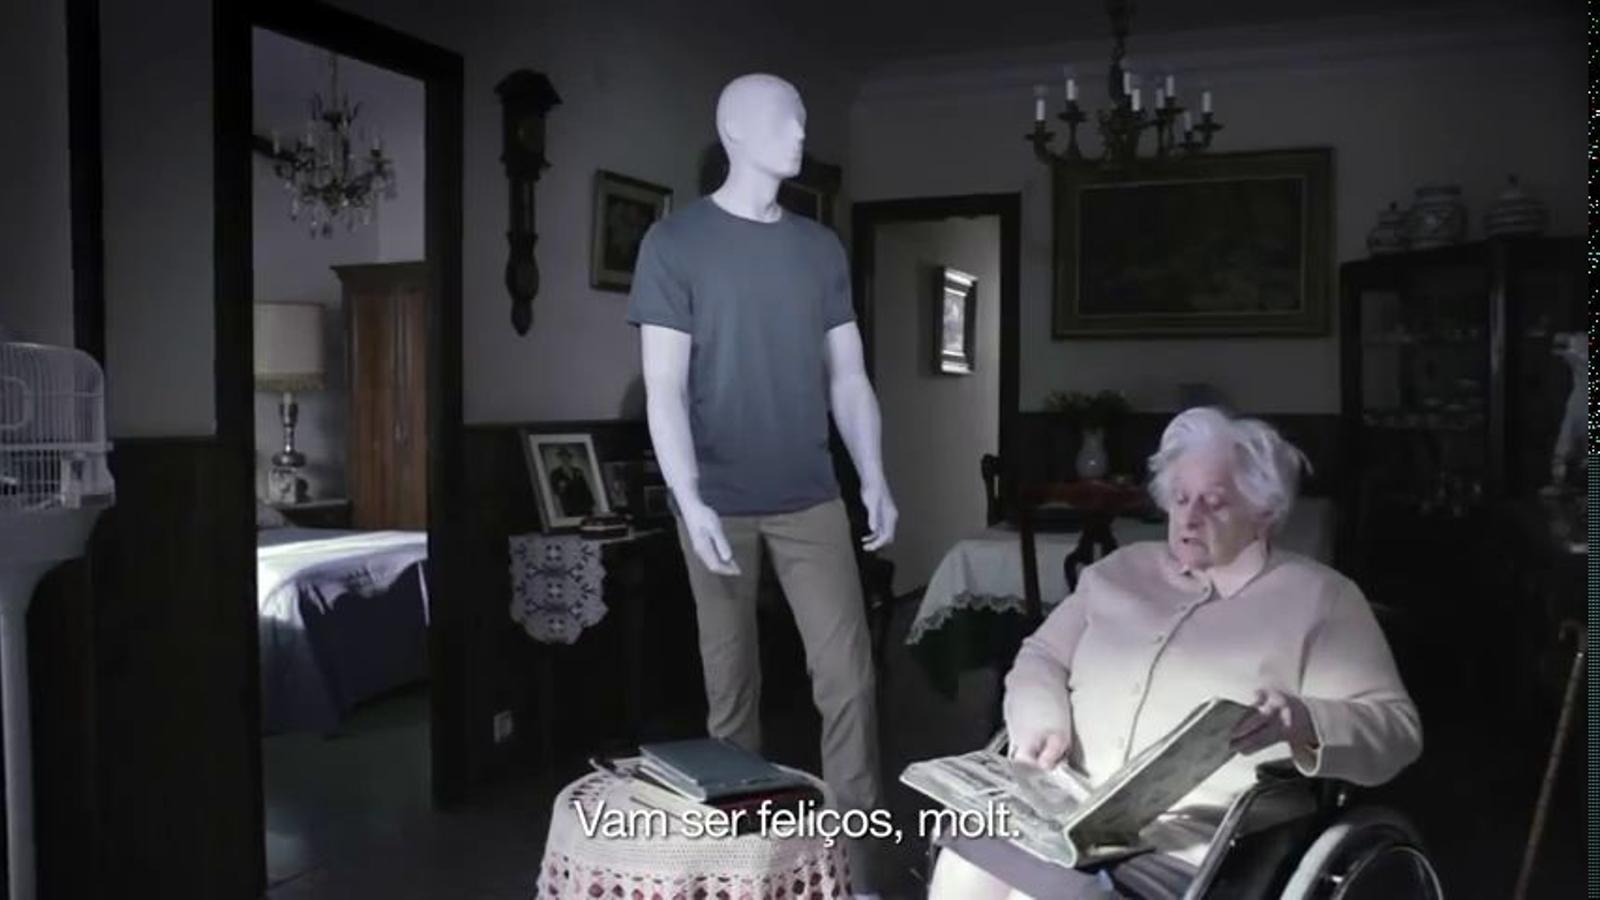 El PSC simula en un video electoral la mort d'un pacient en un hospital per les retallades